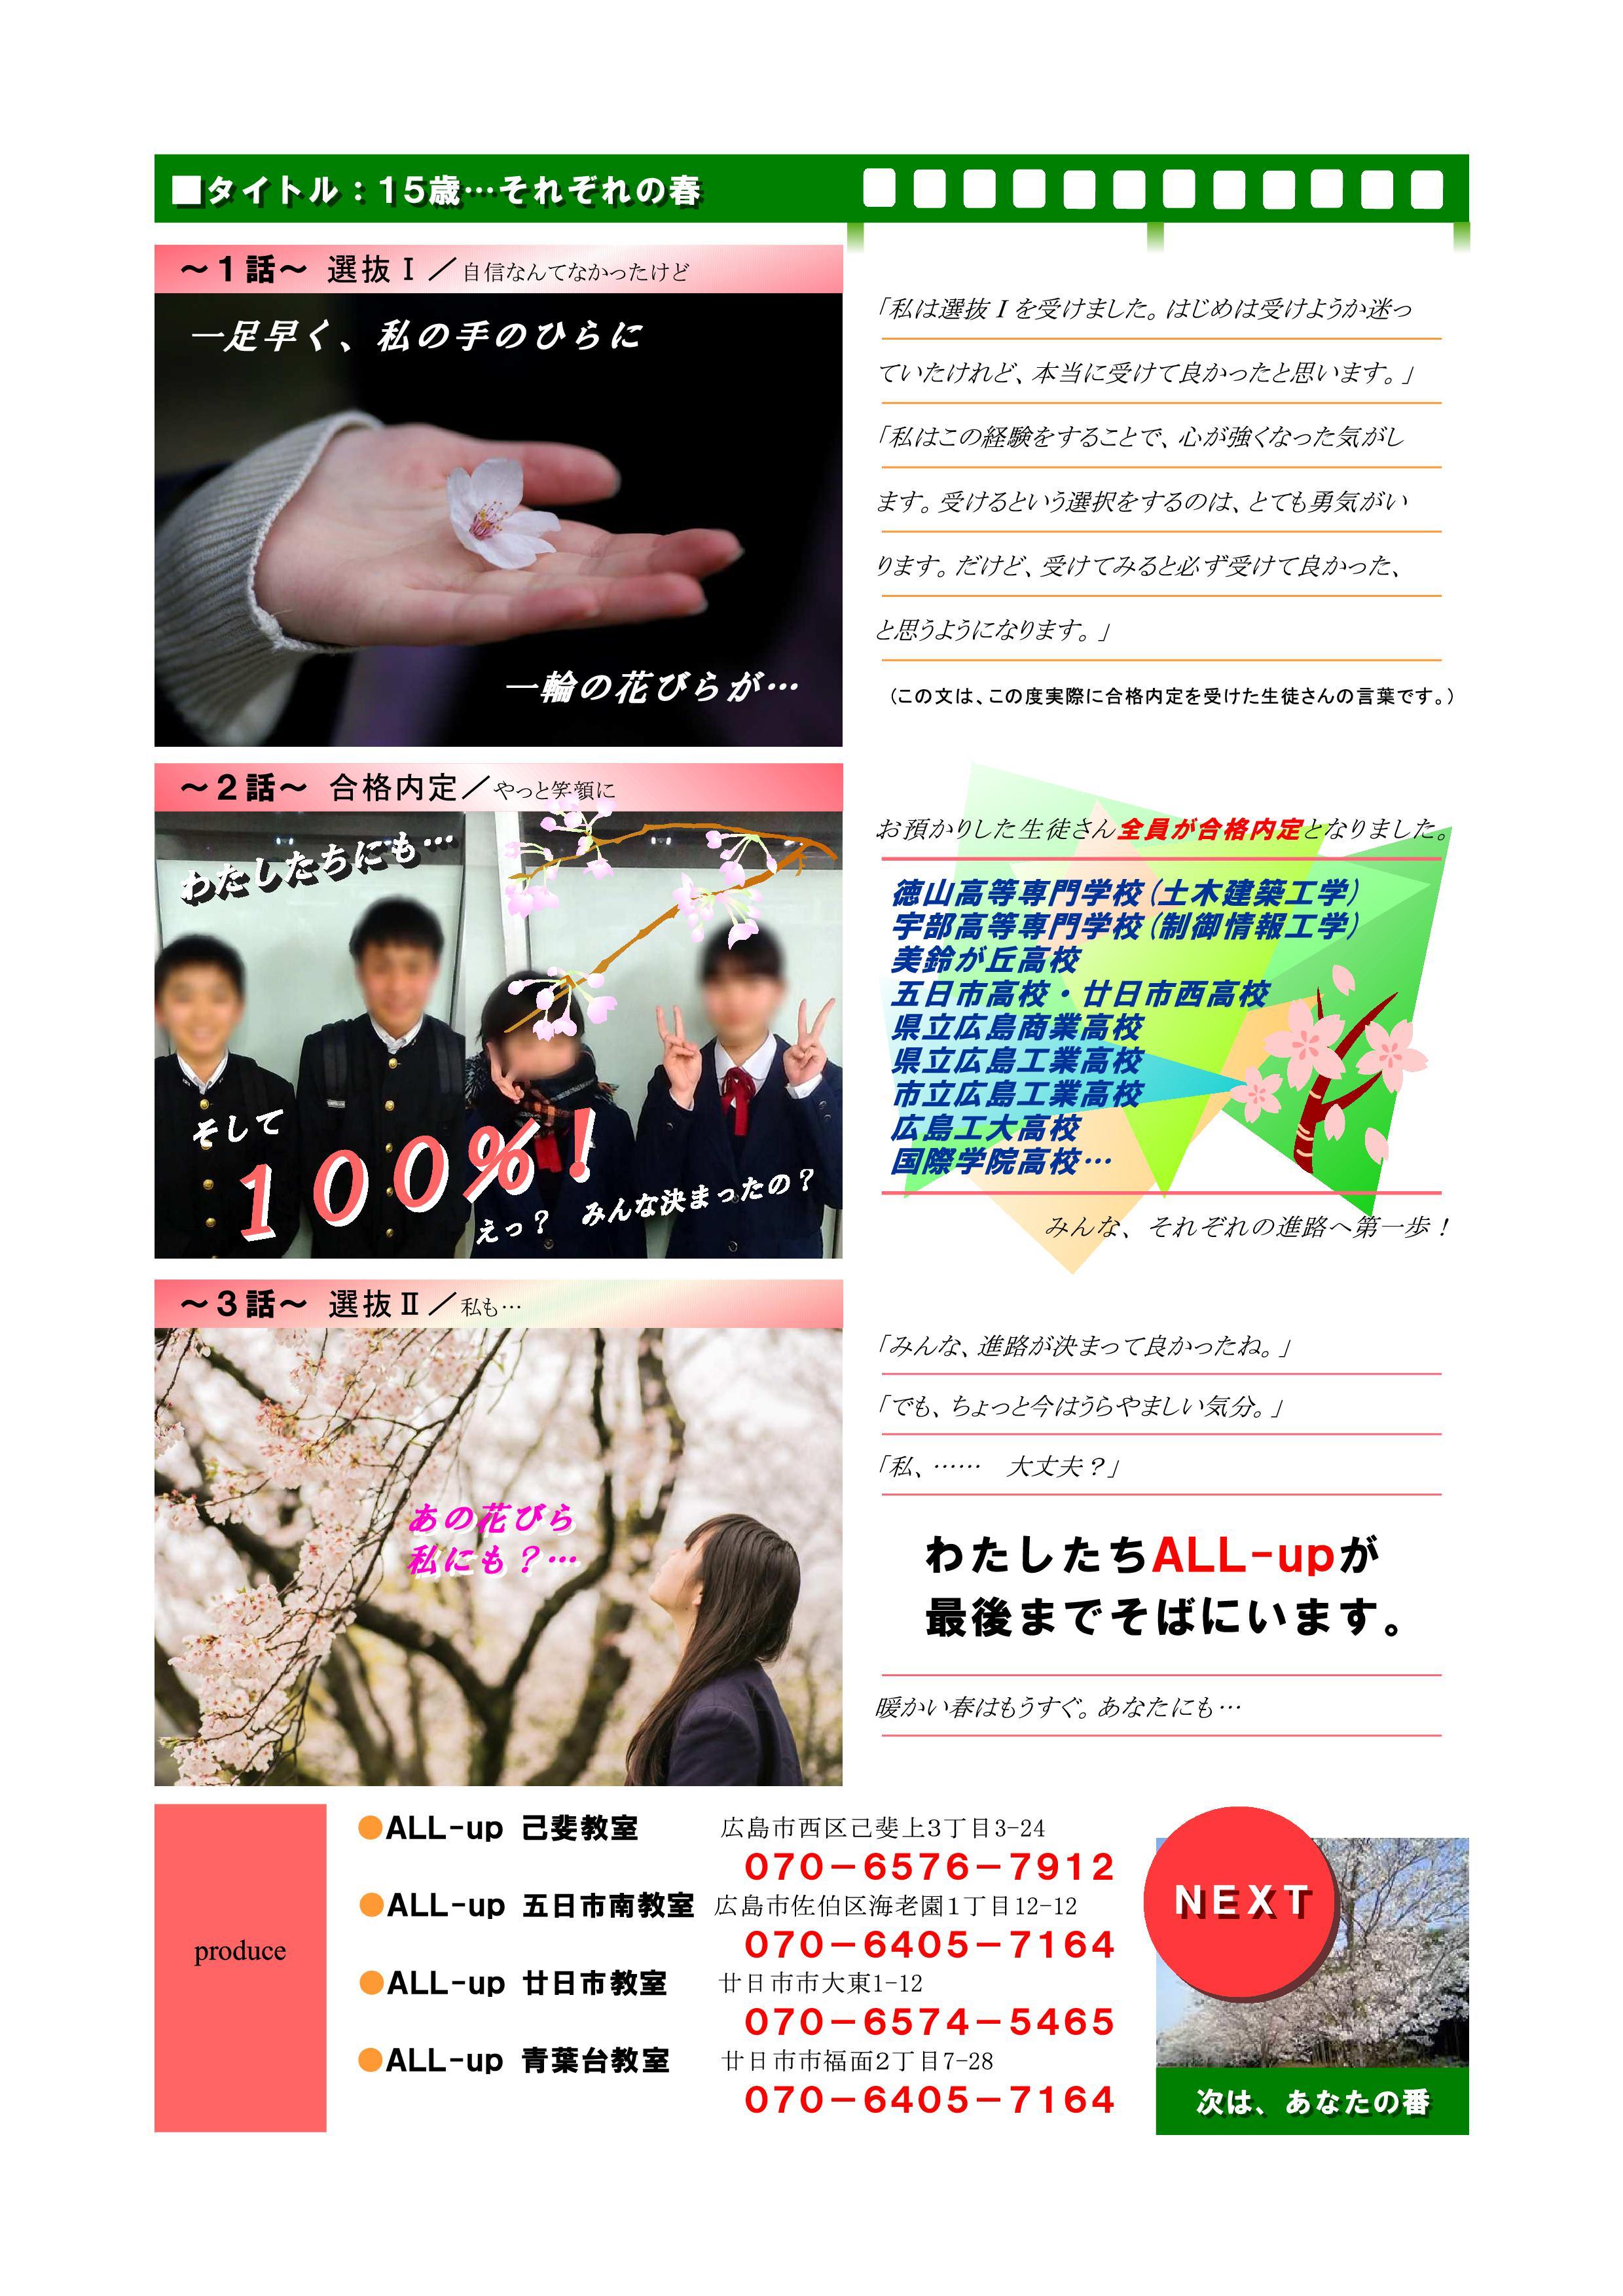 18.02HP原稿(廿日市・佐伯区) (1)